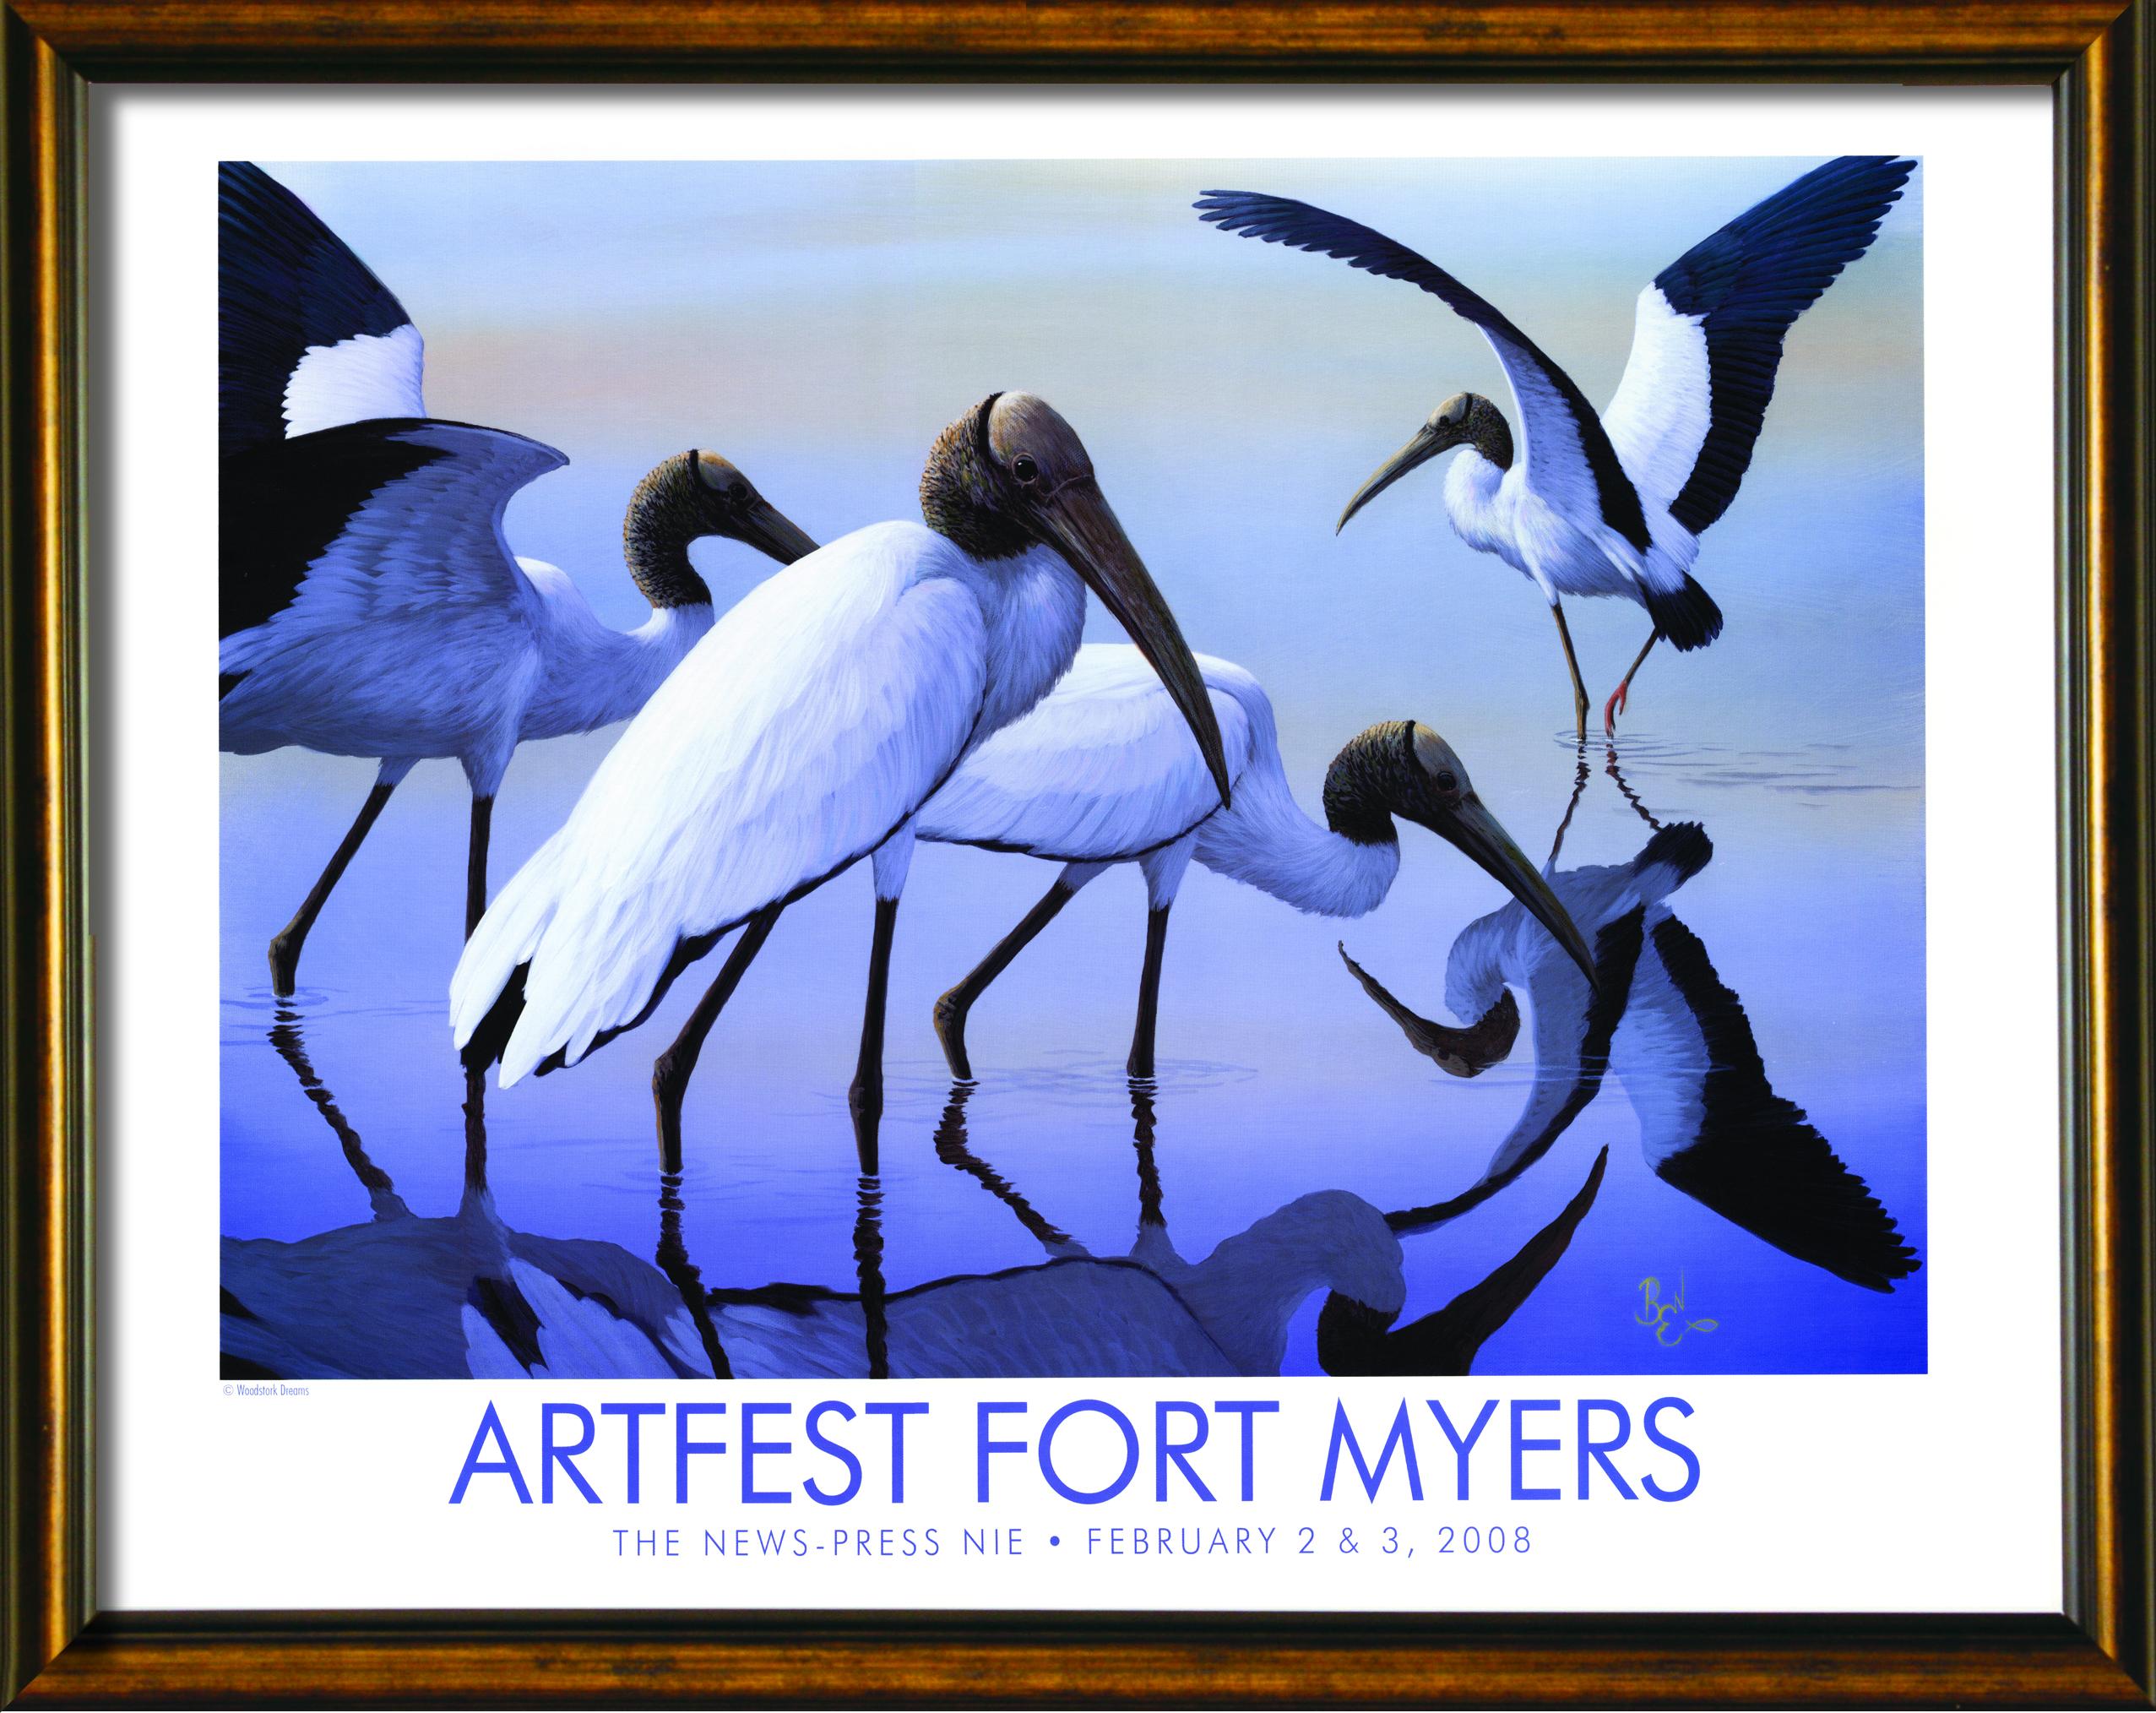 2008-Artfest framed_wood